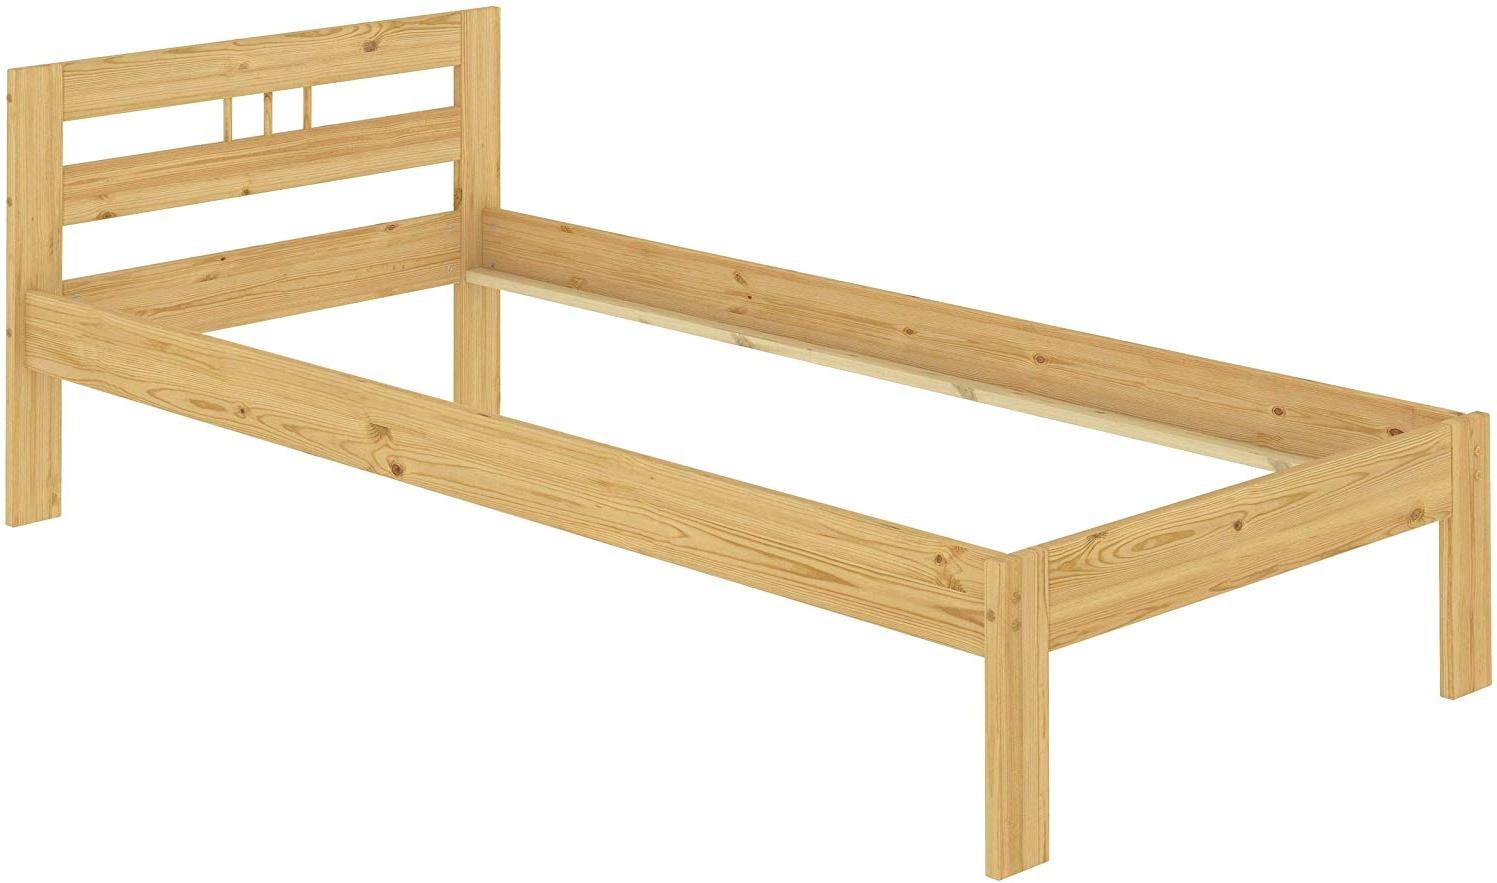 Erst-Holz Einzelbett 80x200 cm, natur Bild 1